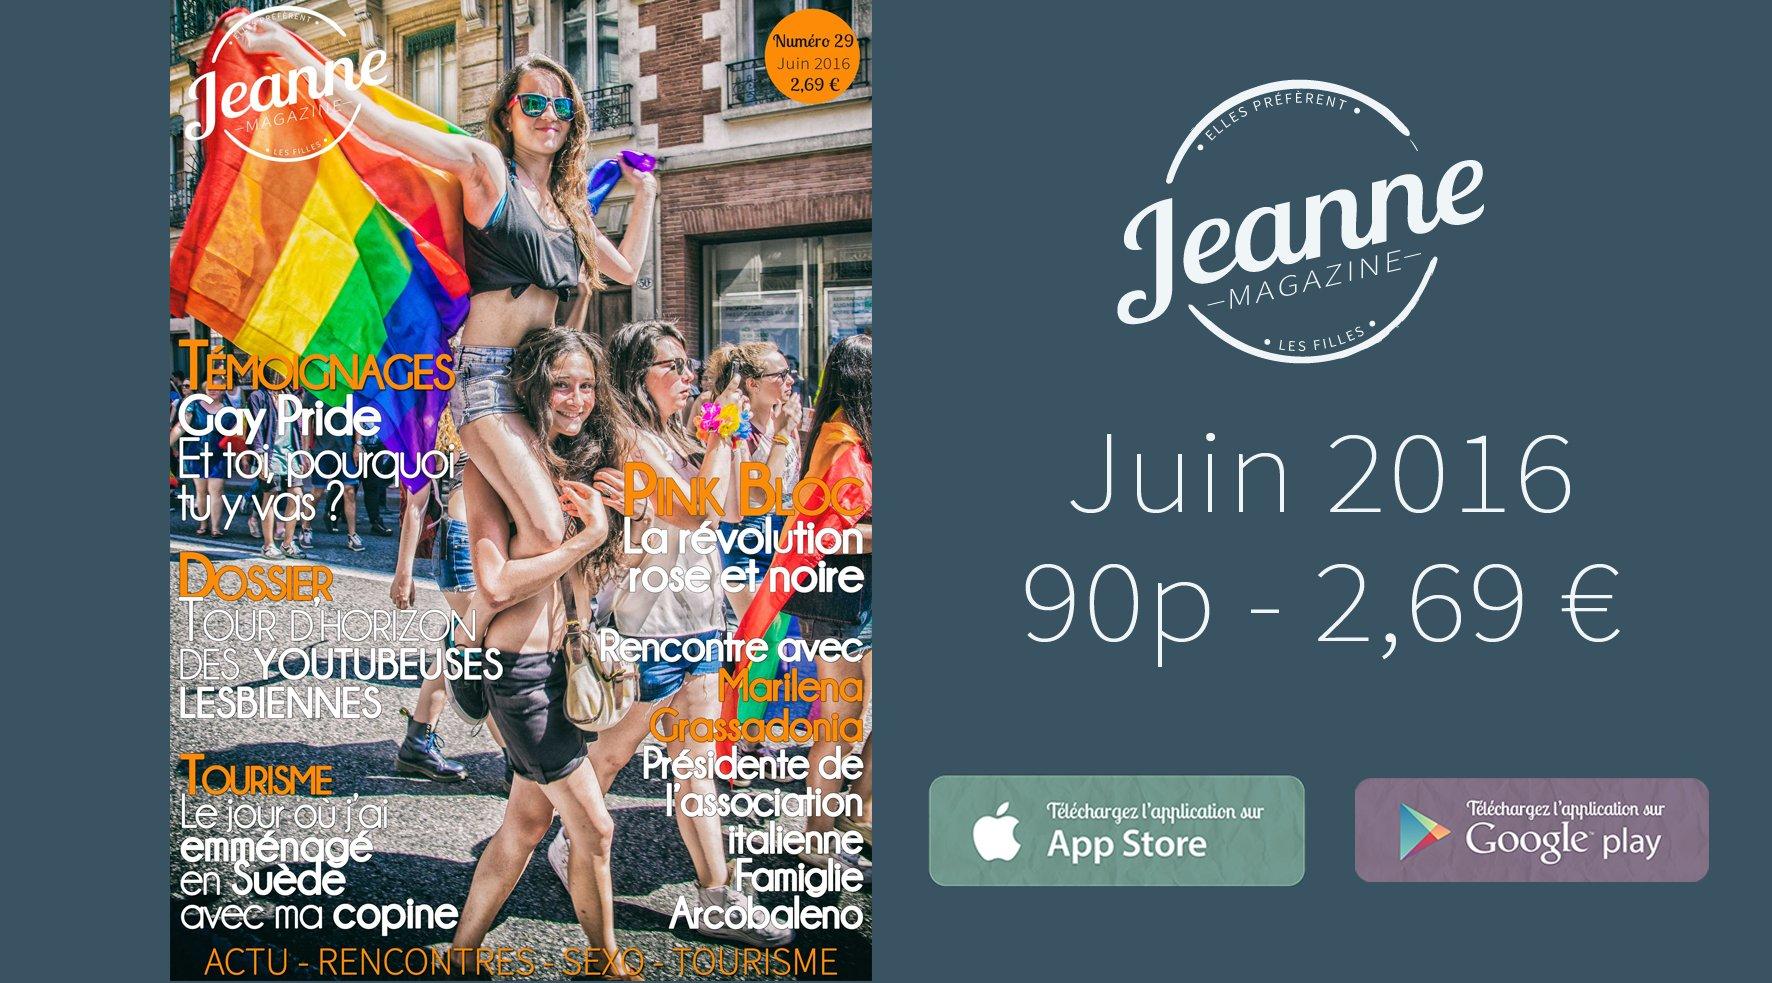 Sortie de Jeanne Magazine n°29 – juin 2016